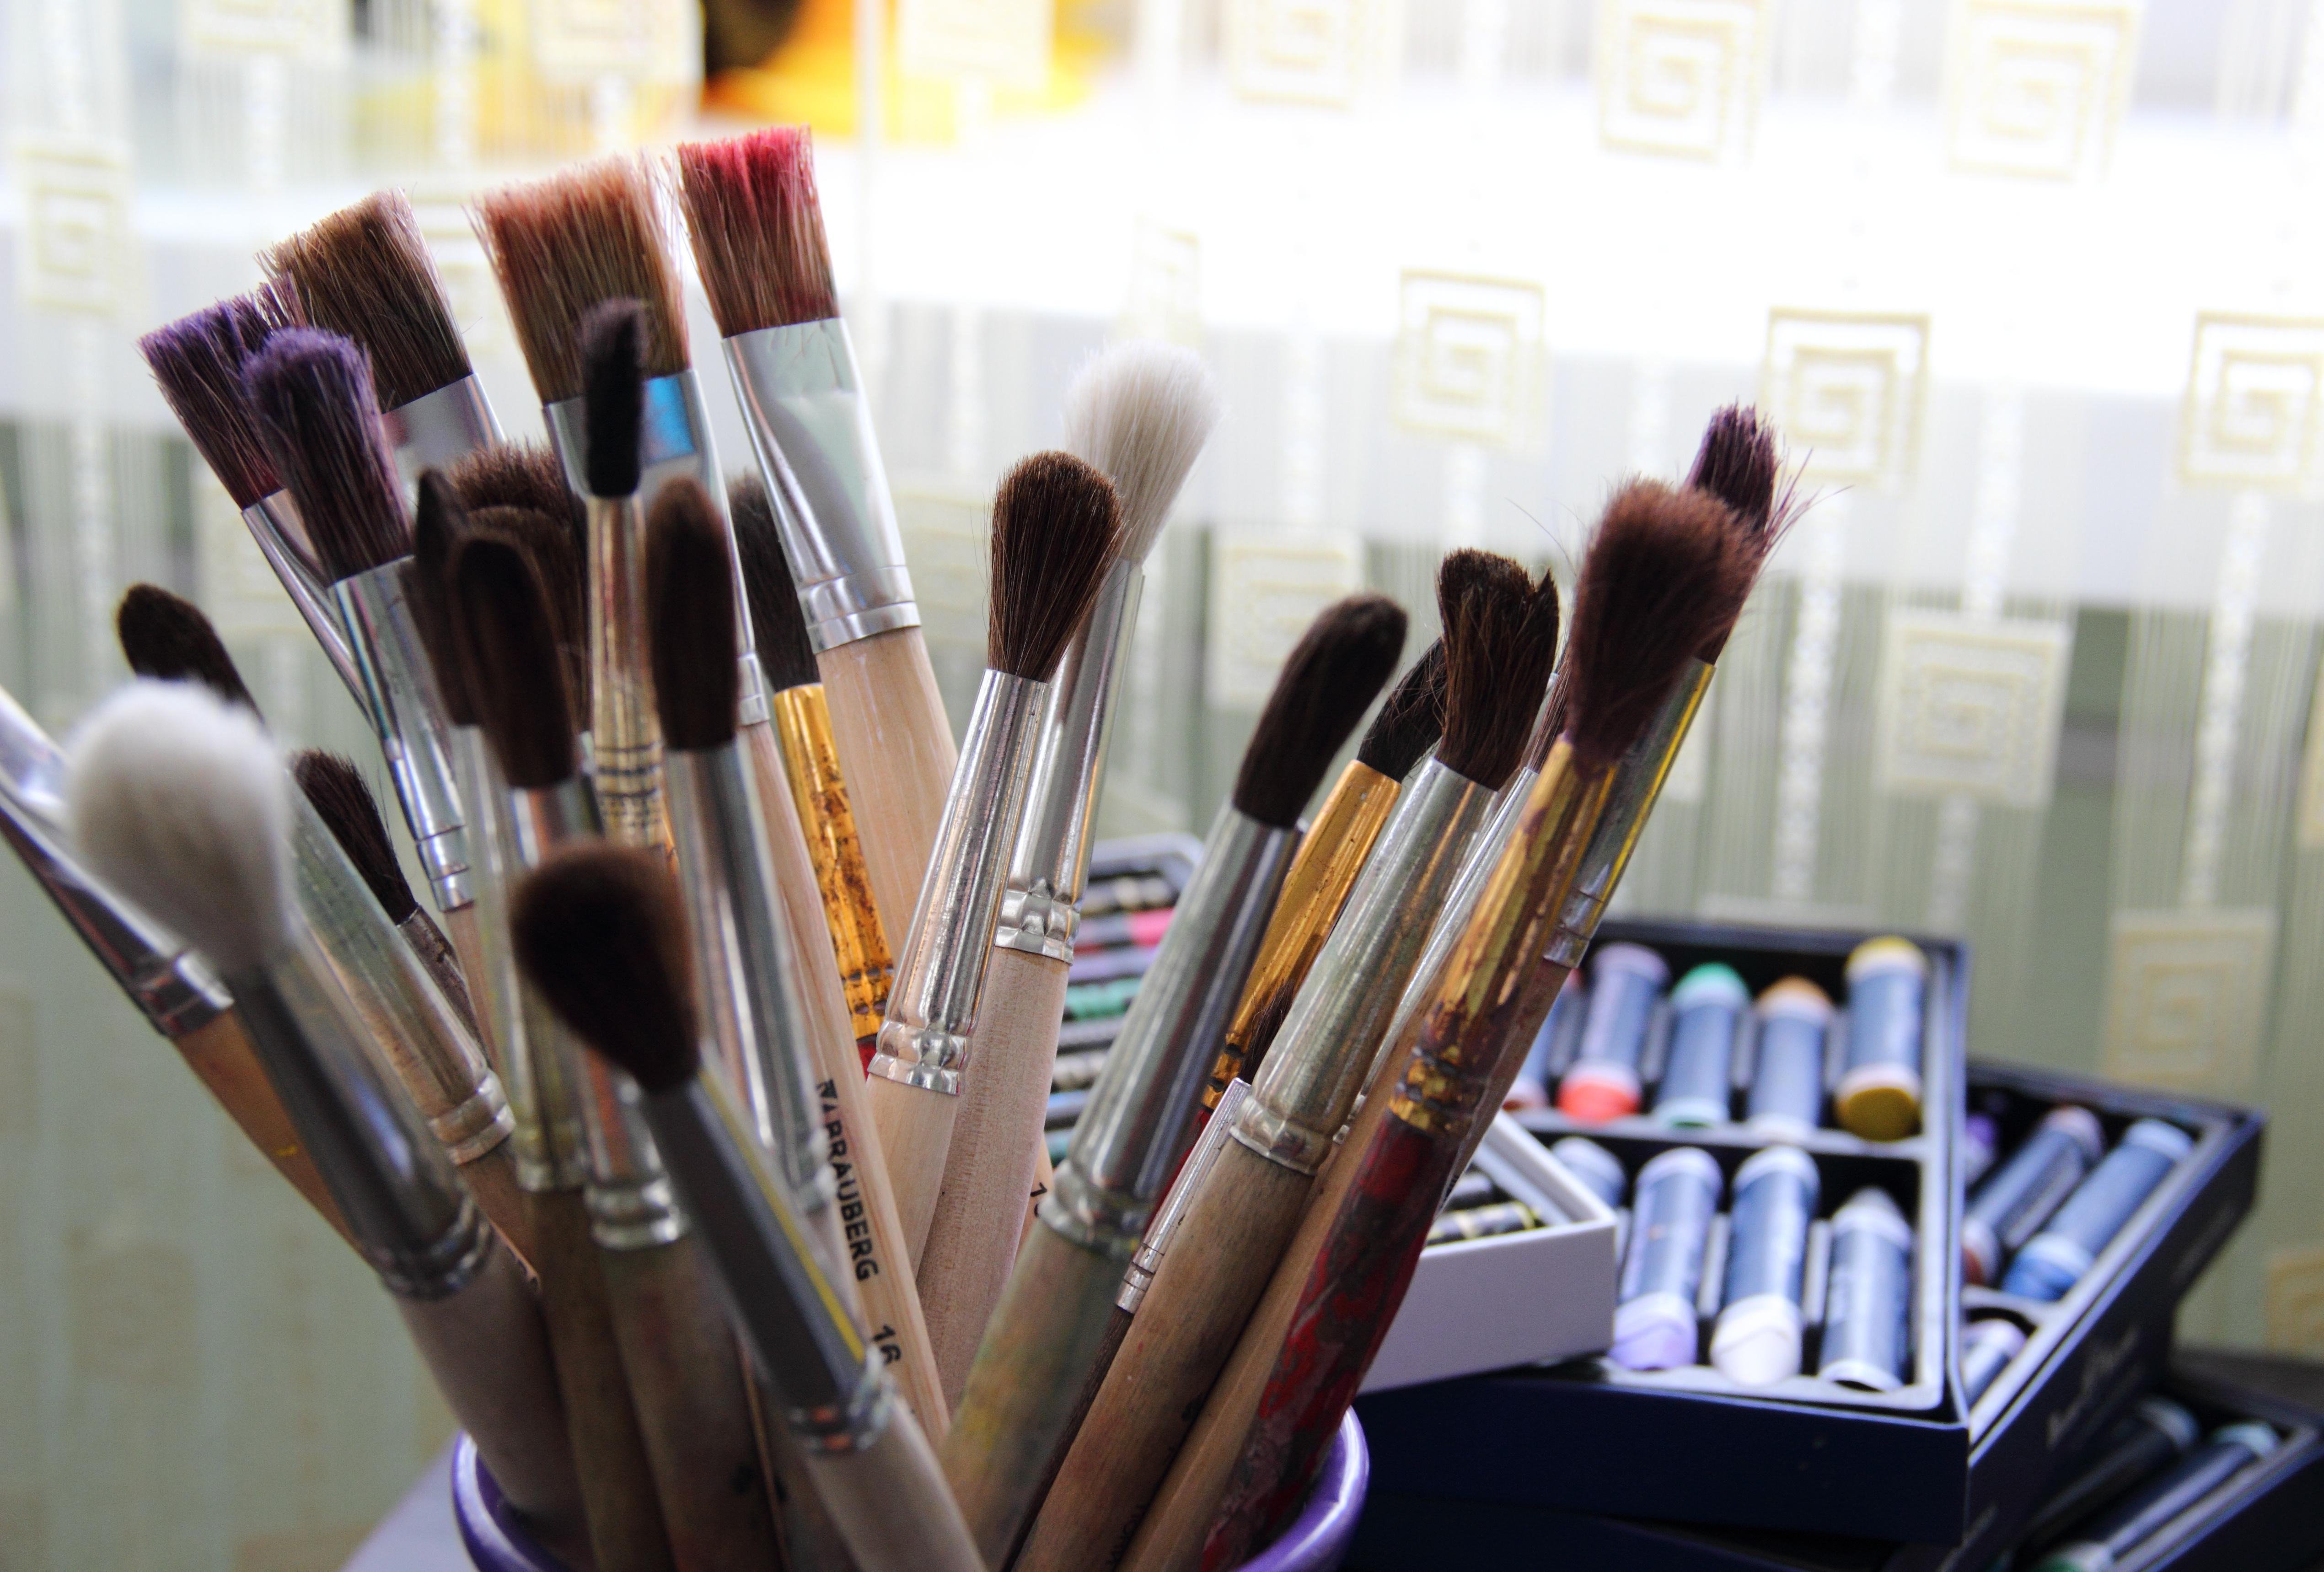 Художественные инструменты, пастель